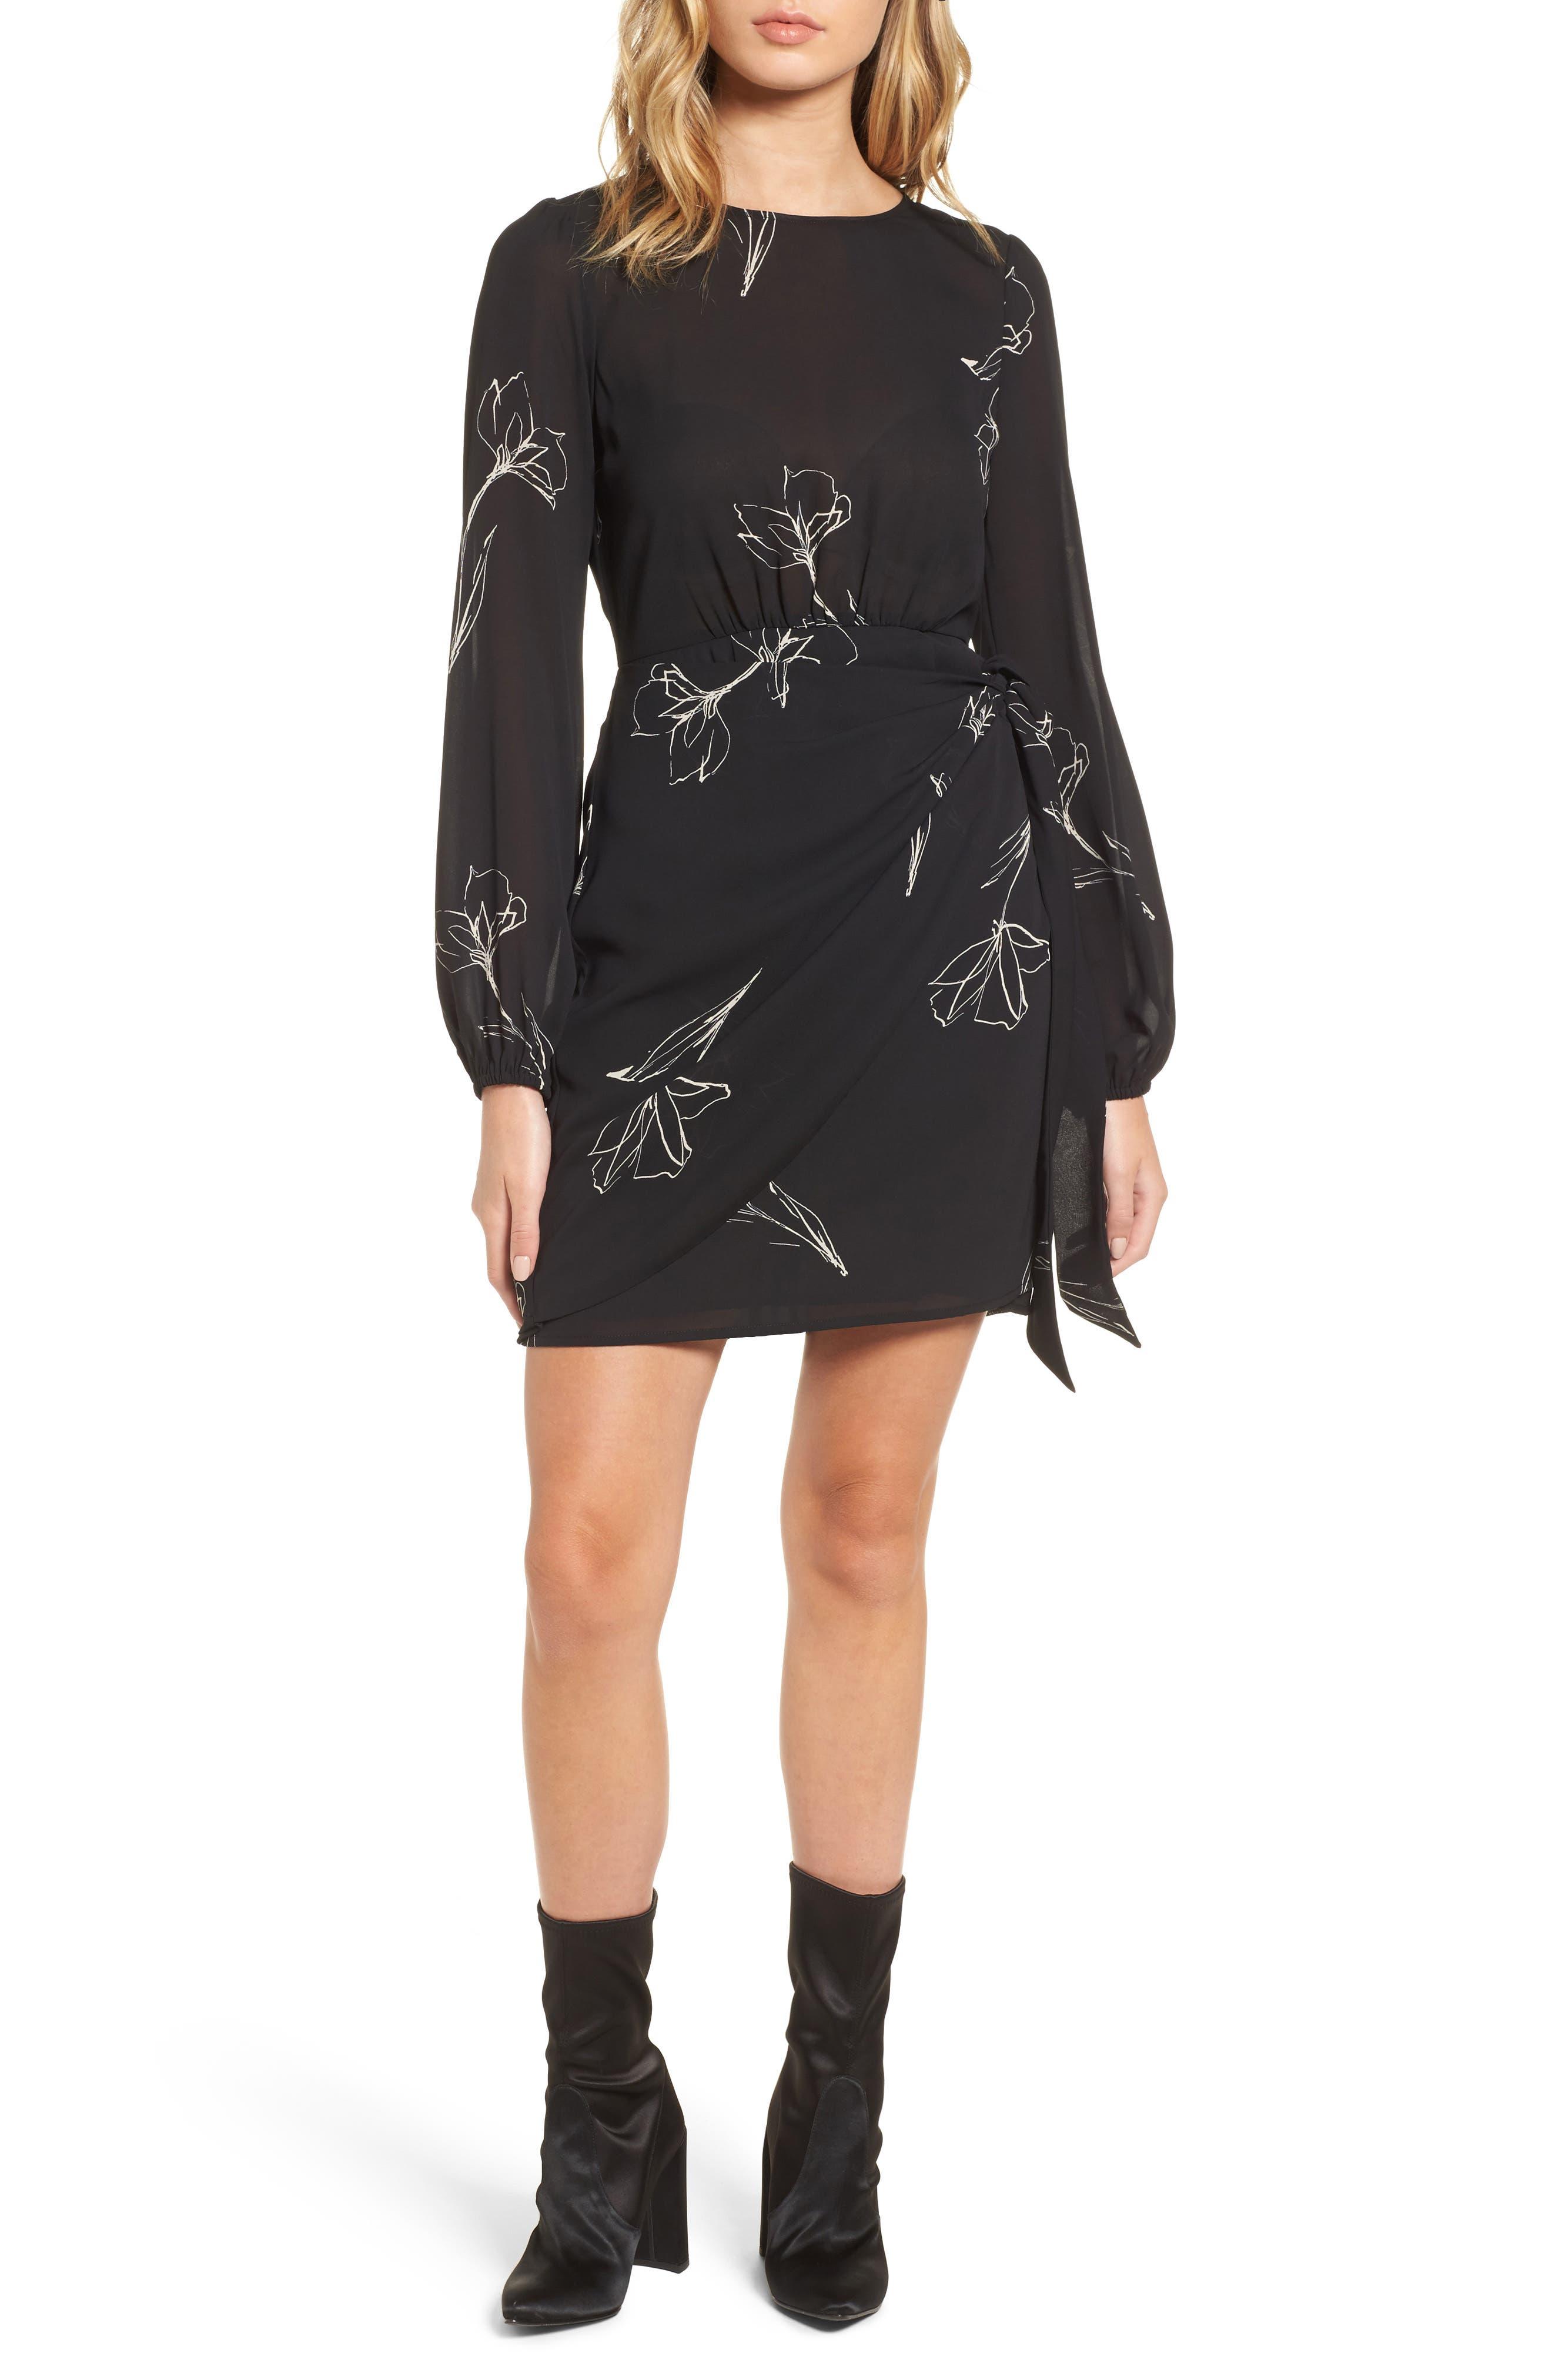 Tie Skirt Dress,                         Main,                         color, Black Sketch Floral